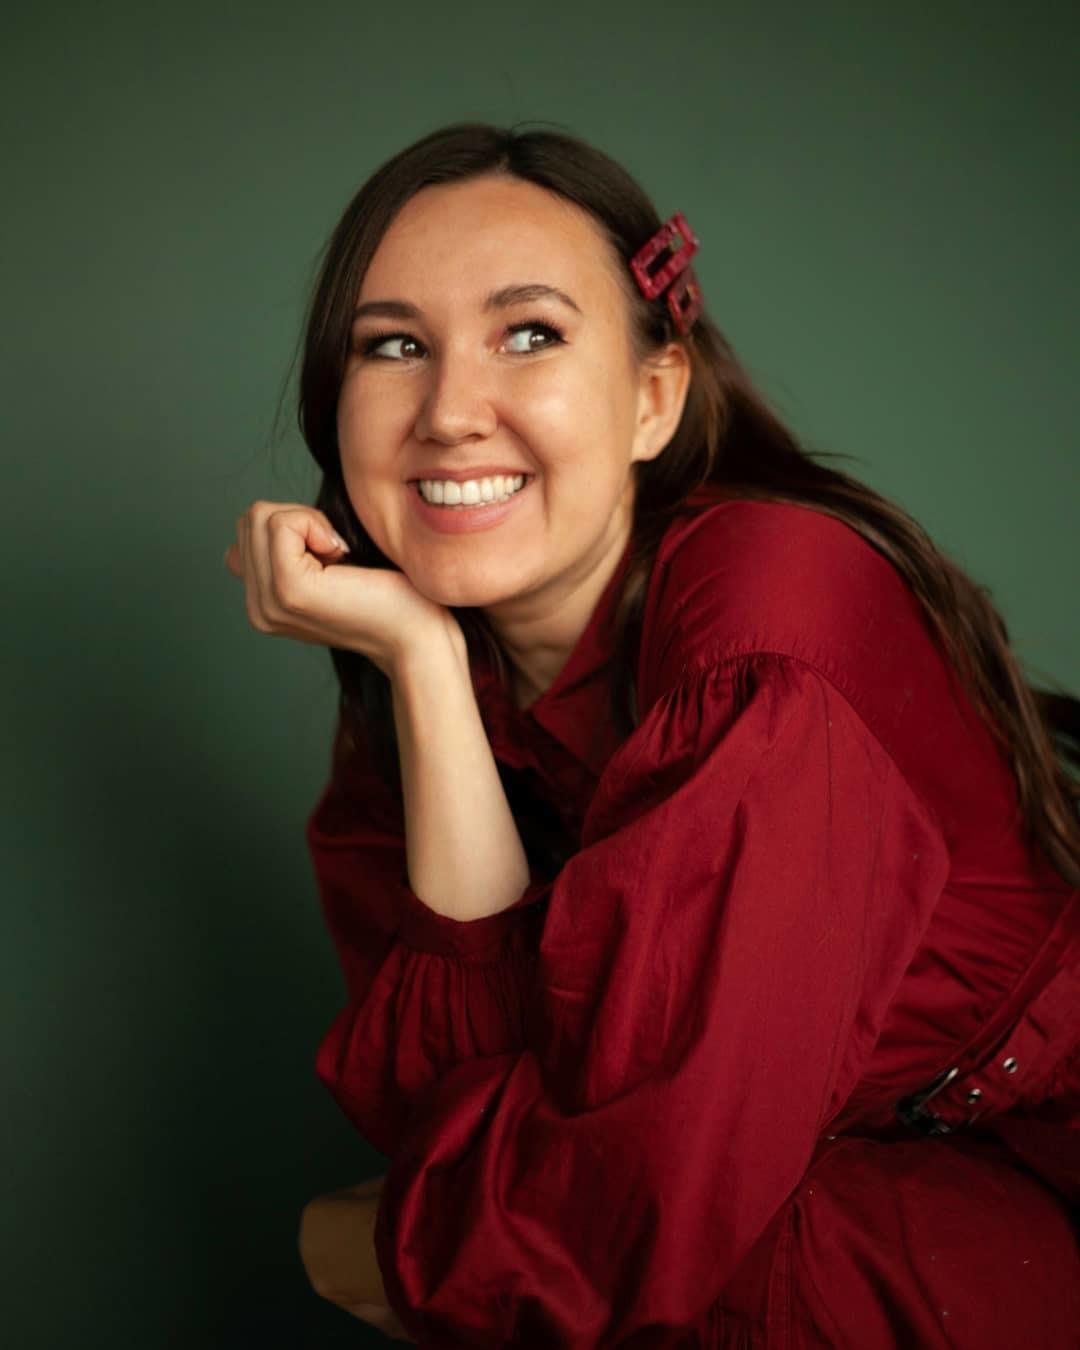 Вера Вондербера @vera_wonderbera  Коуч, блогер и просто человек.